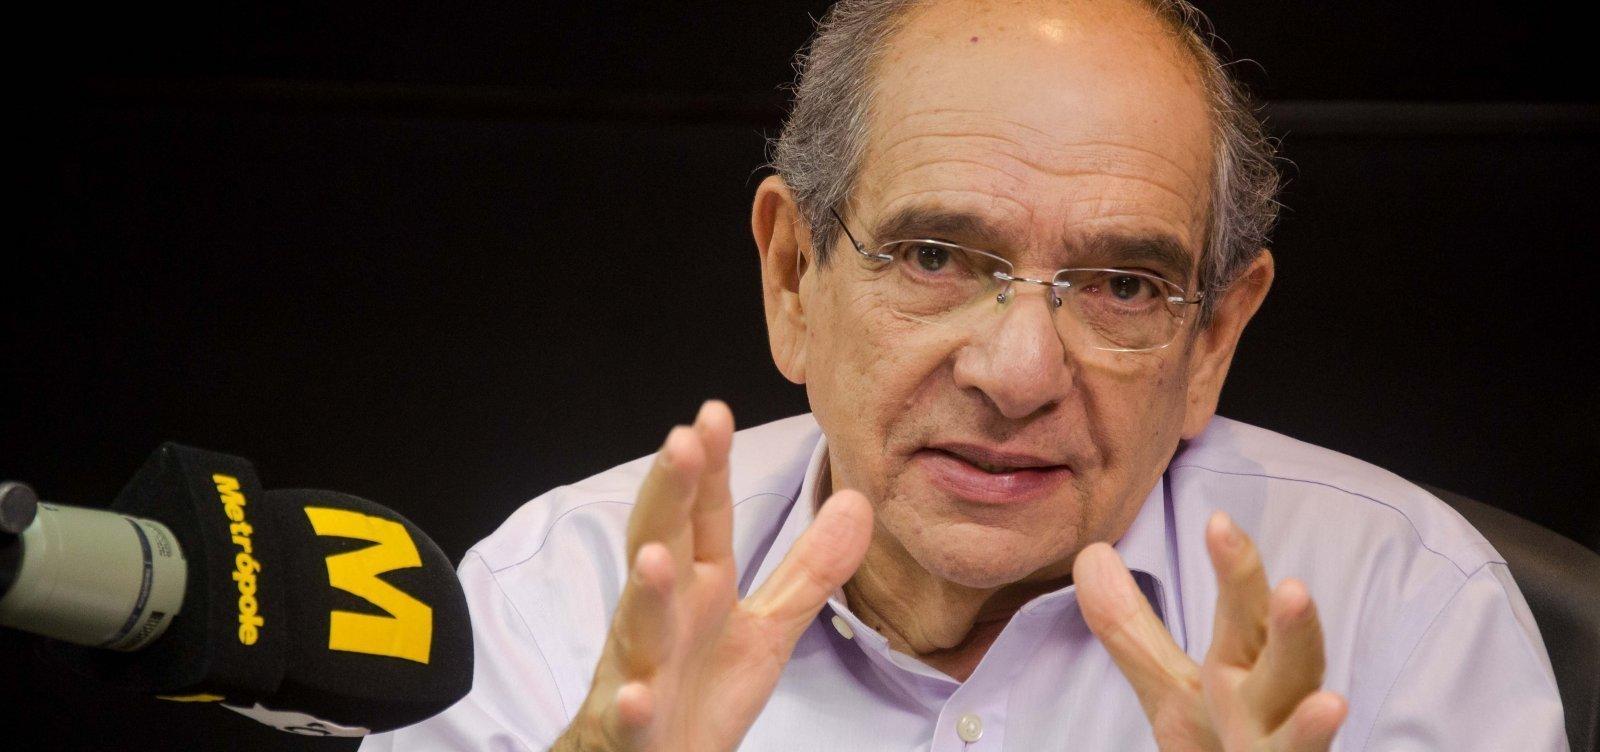 MK critica corte em orçamento de universidades e compara Bolsonaro a Jânio; ouça